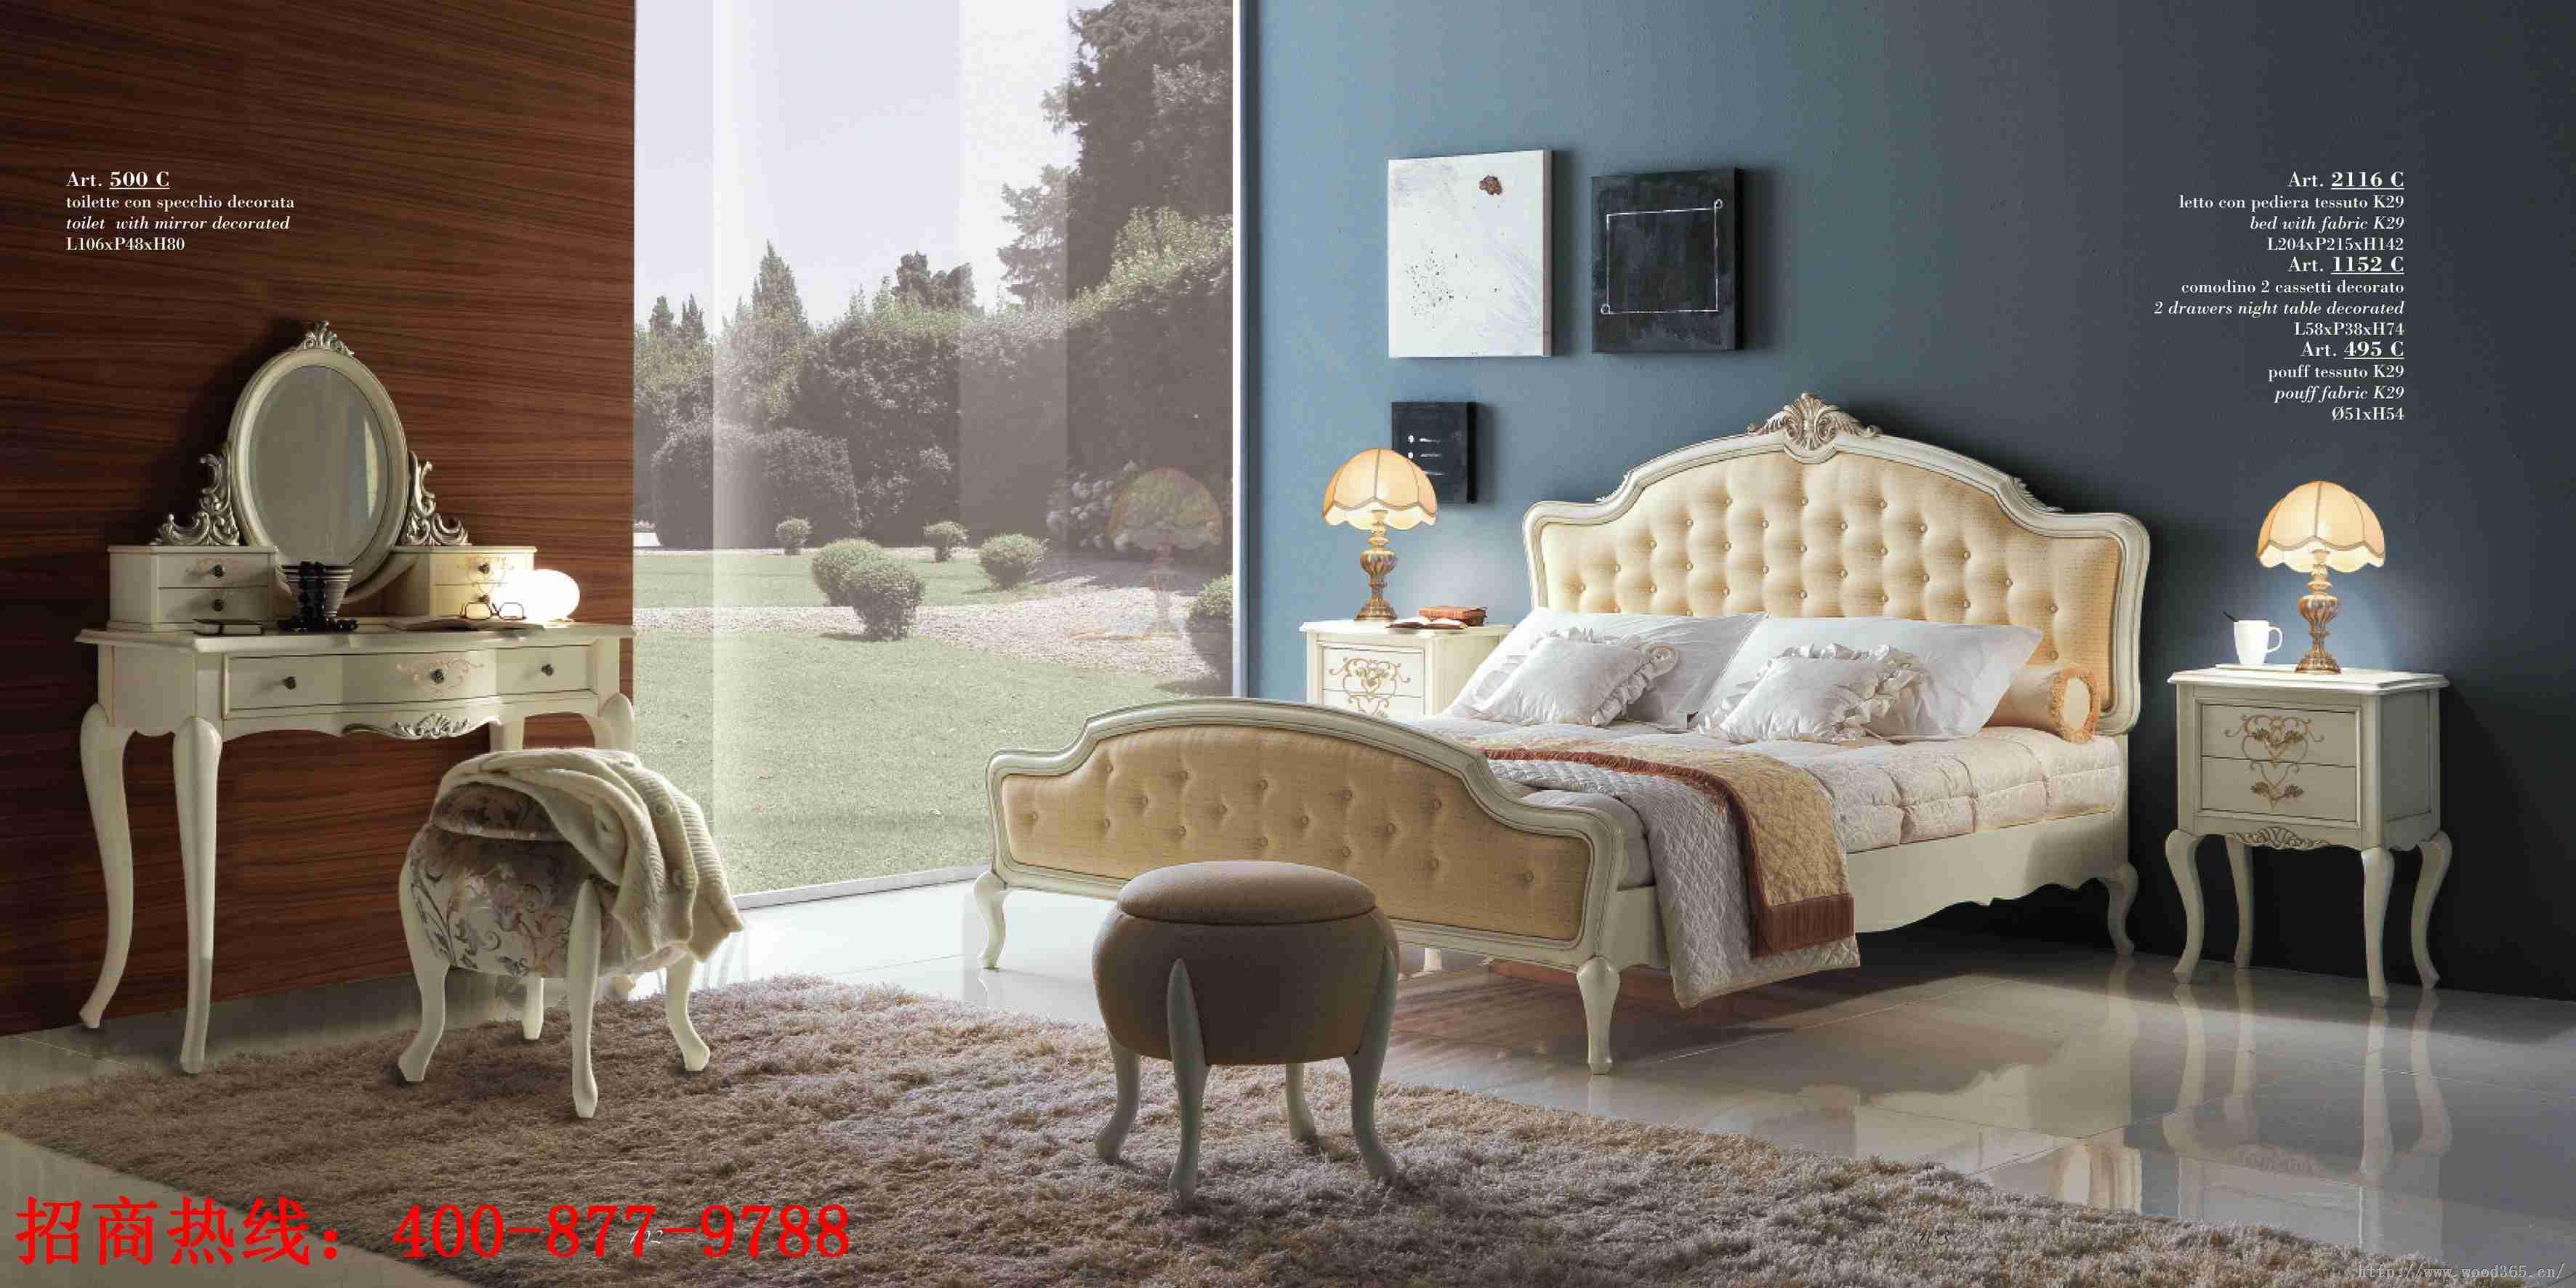 意大利家具喬姿卡薩---臥室如此奢華,誰還愿意起床圖片